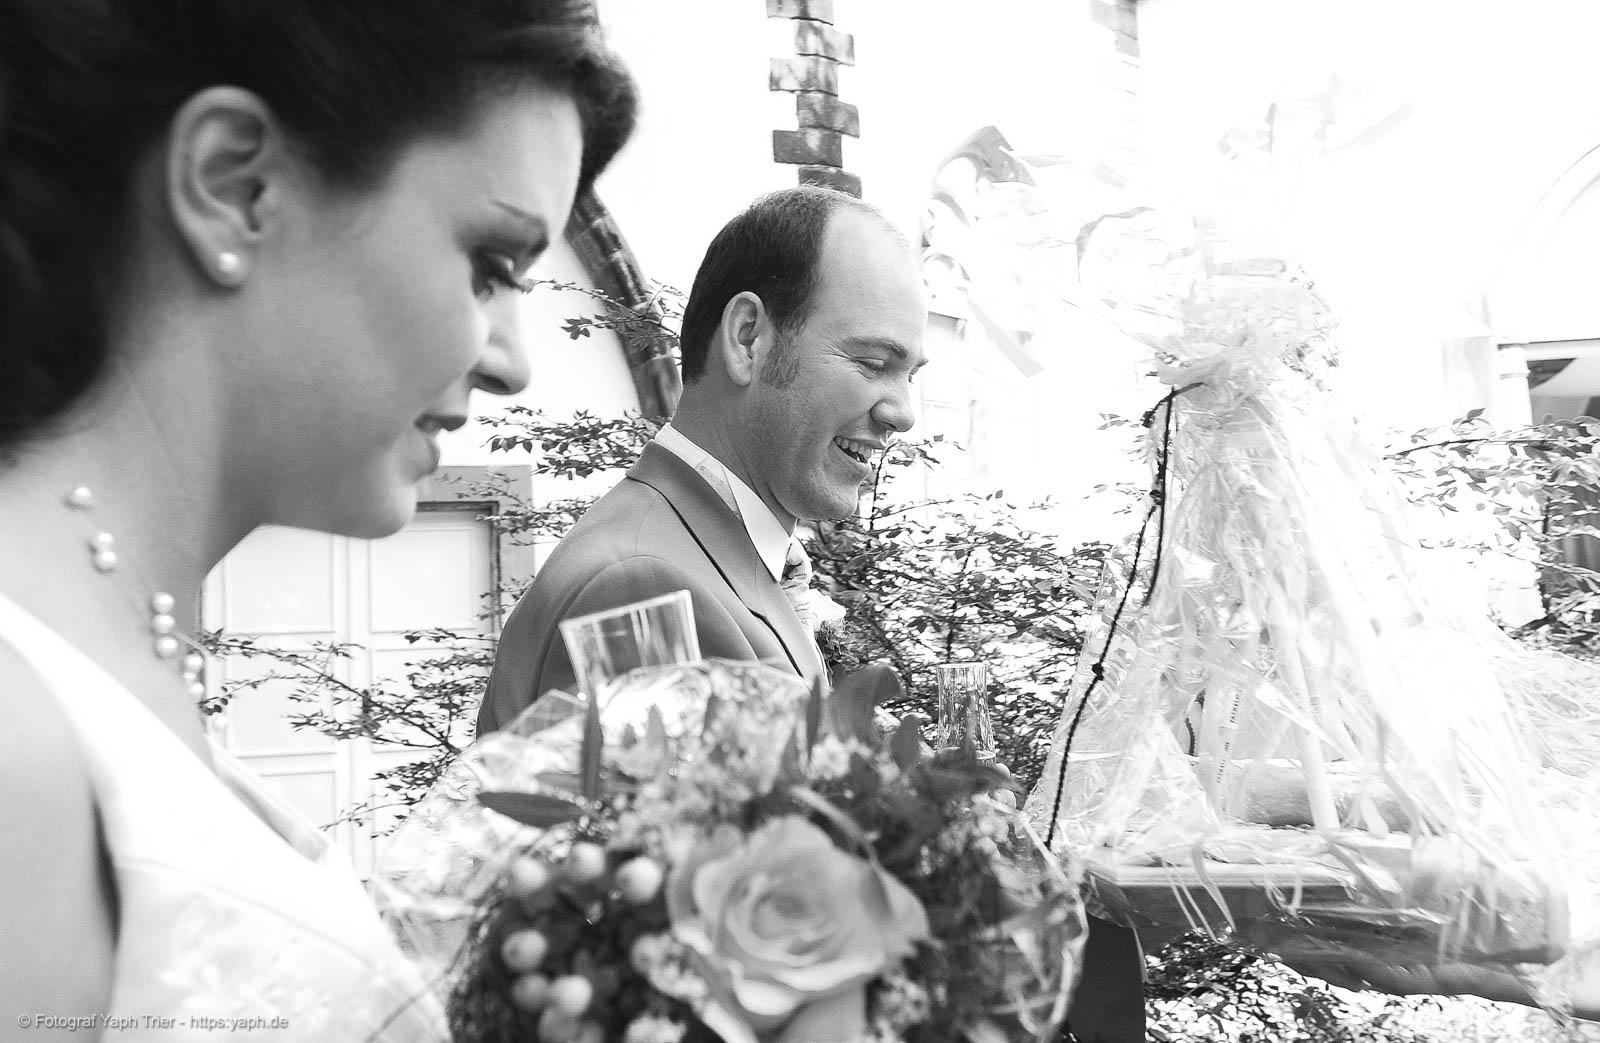 Brautpaarfotografie und Hochzeitsfotos Mireille-Marco bei Fotograf Trier - Yaph